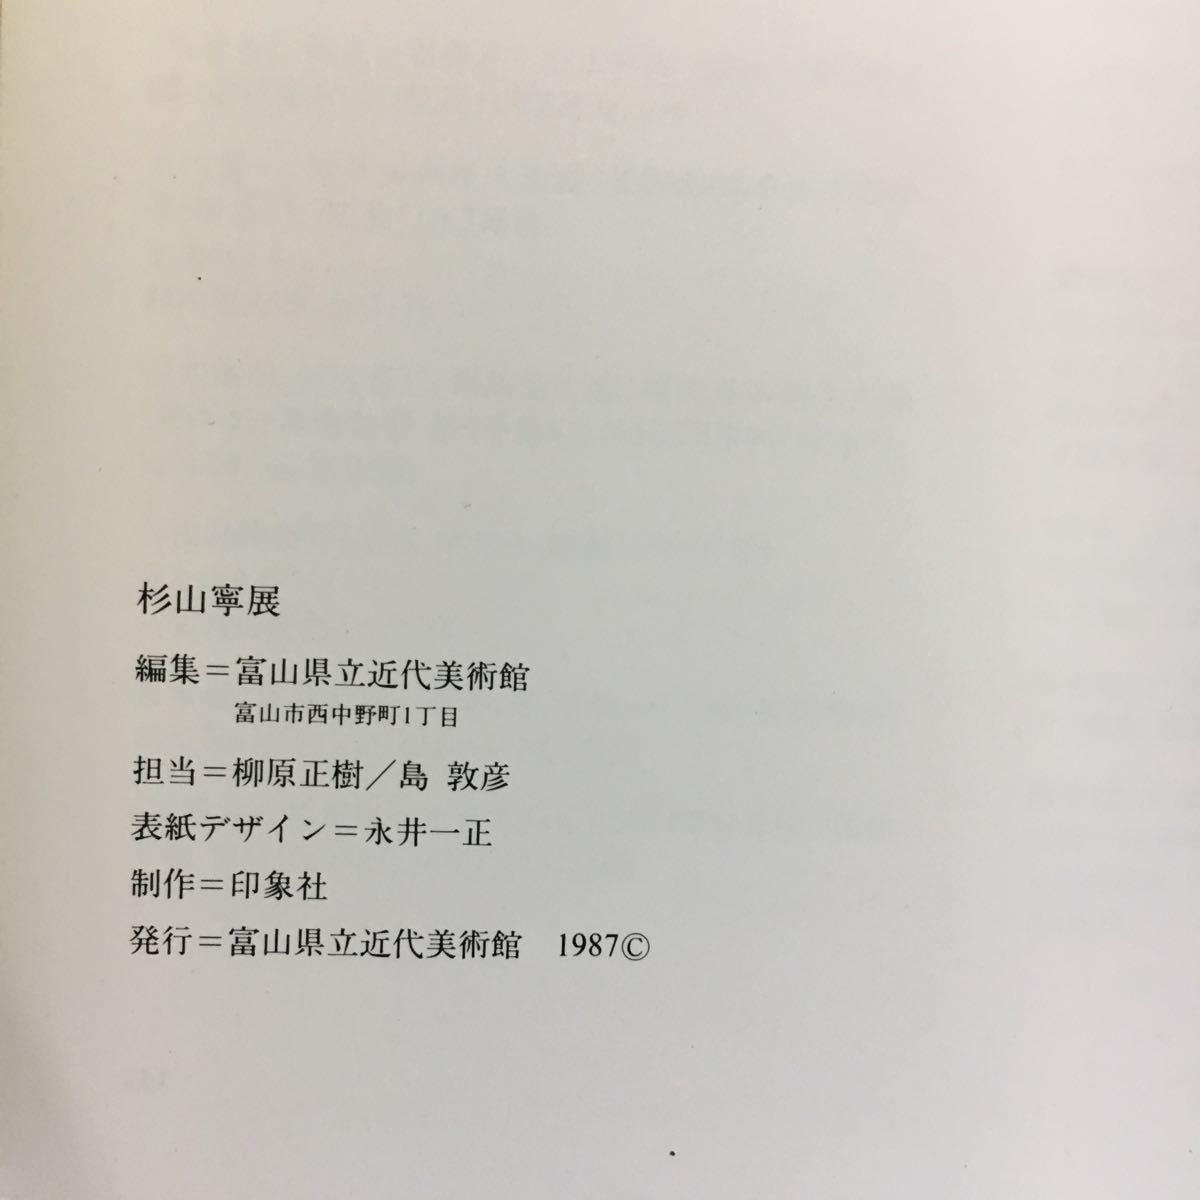 回顧展「杉山寧展」1987年富山県近代美術館 初期の図録_画像8